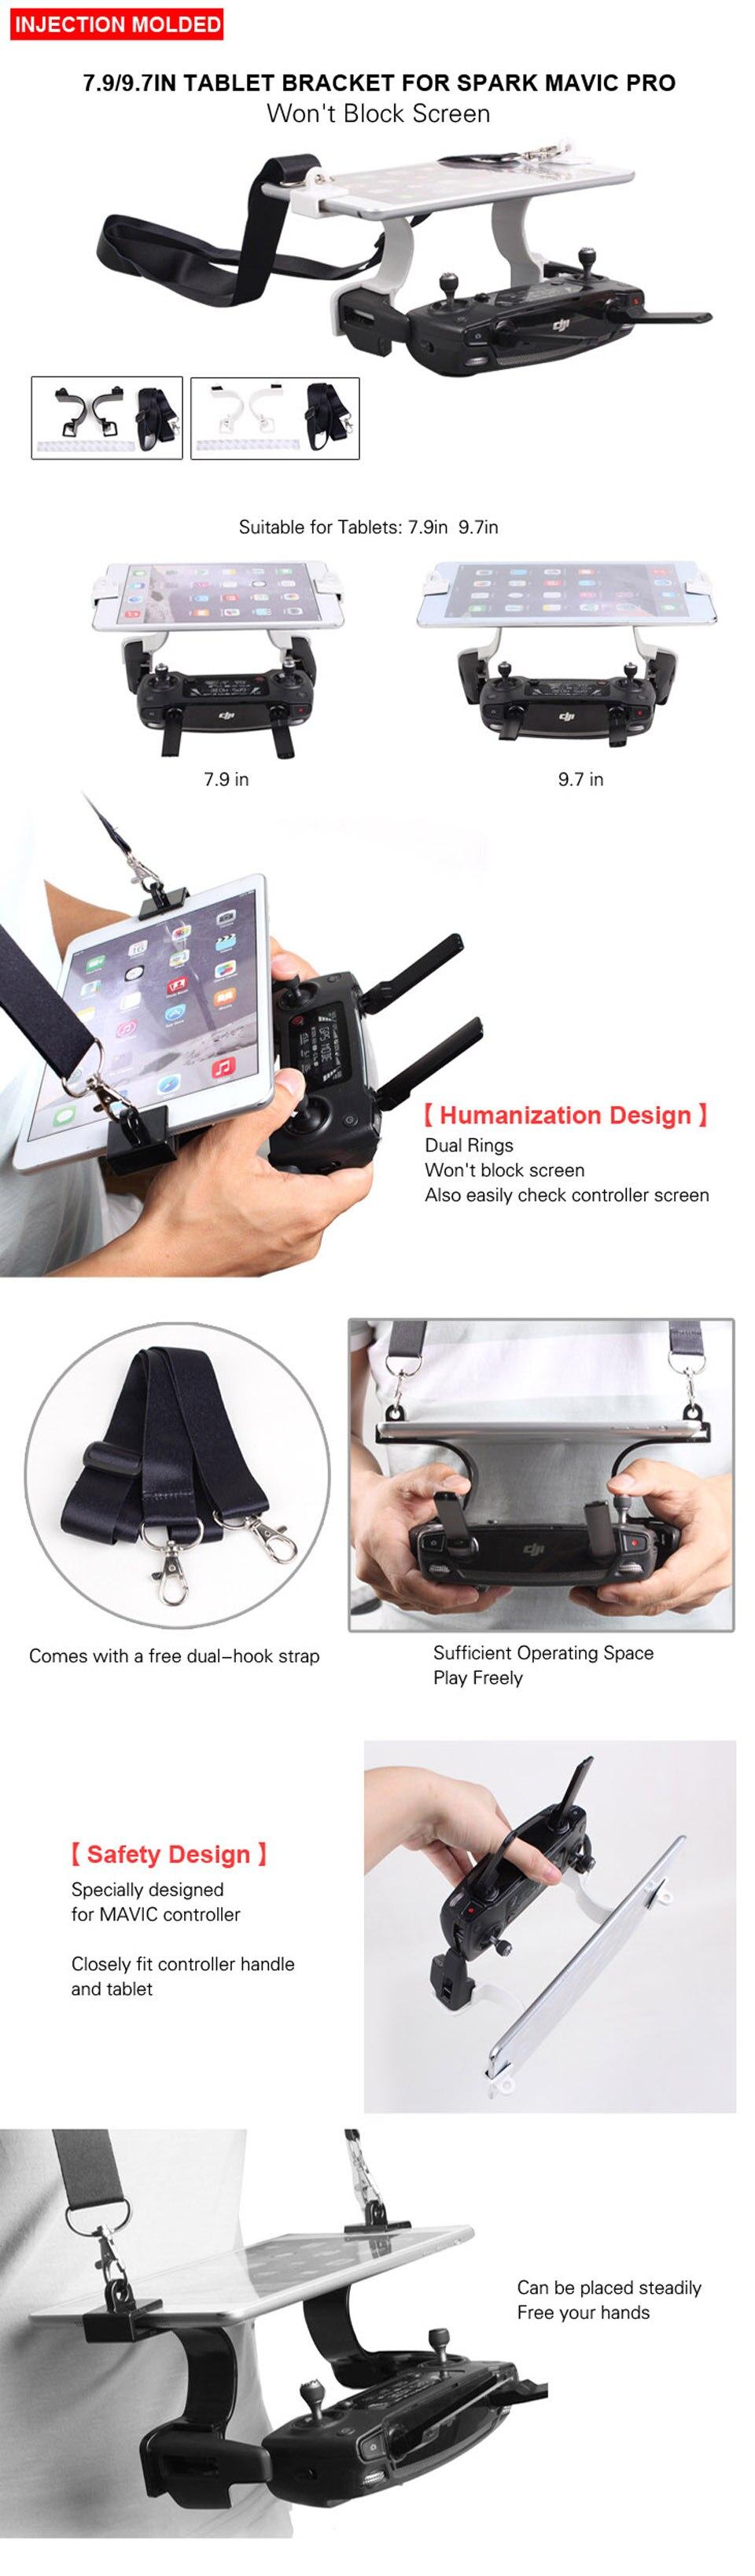 Двойной крючок Поддержка 7,9 дюймов 9,7 дюймов Tablet вручение Пряжка держатель Pad держатель планшета для DJI Мавик 2 PRO зум/ spark drone